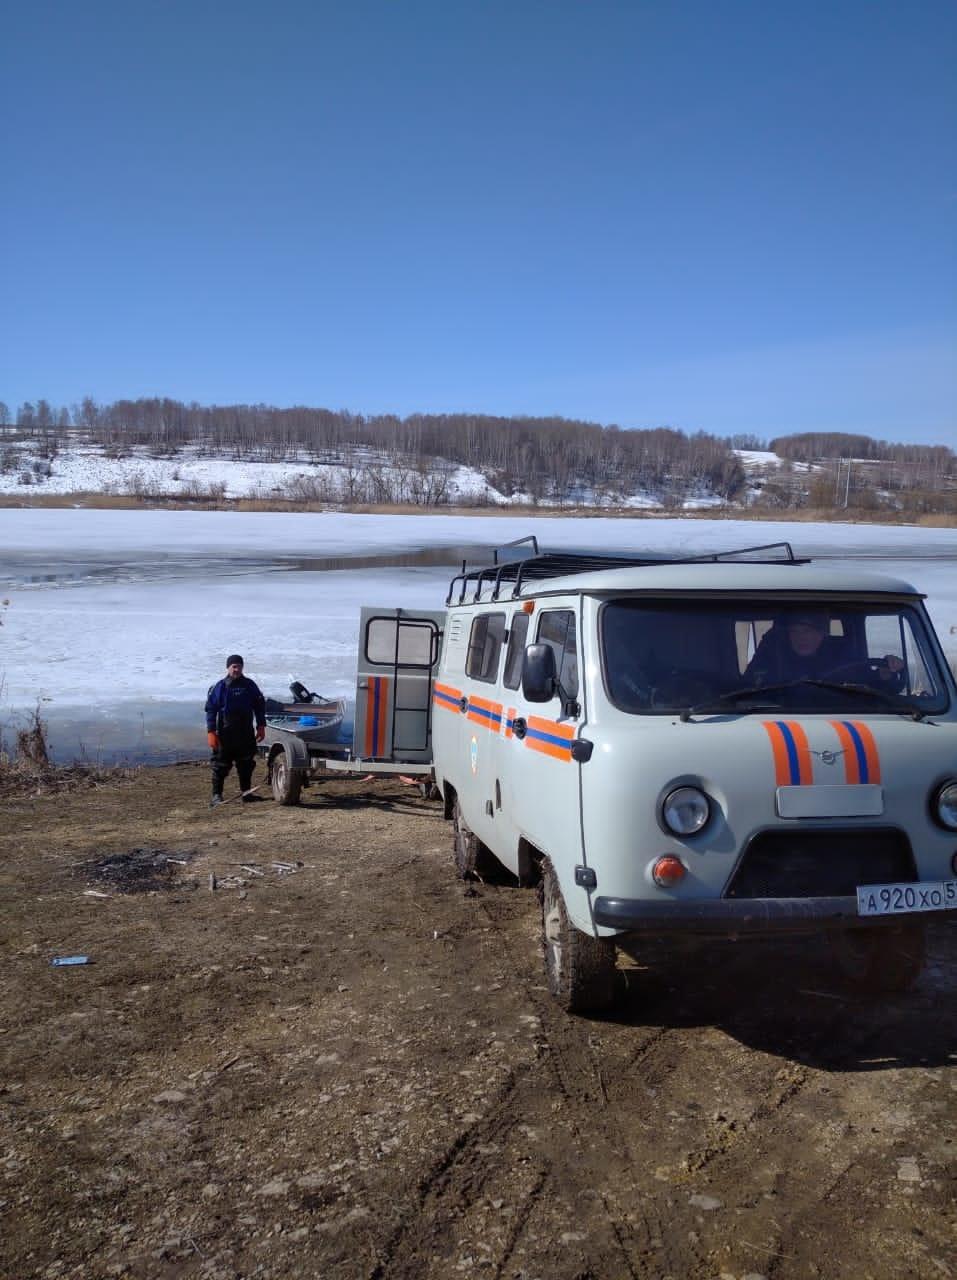 neprochnyy-led-vo-mcenskom-rayone-utonula-zhenshchina_16171054271268570989__2000x2000